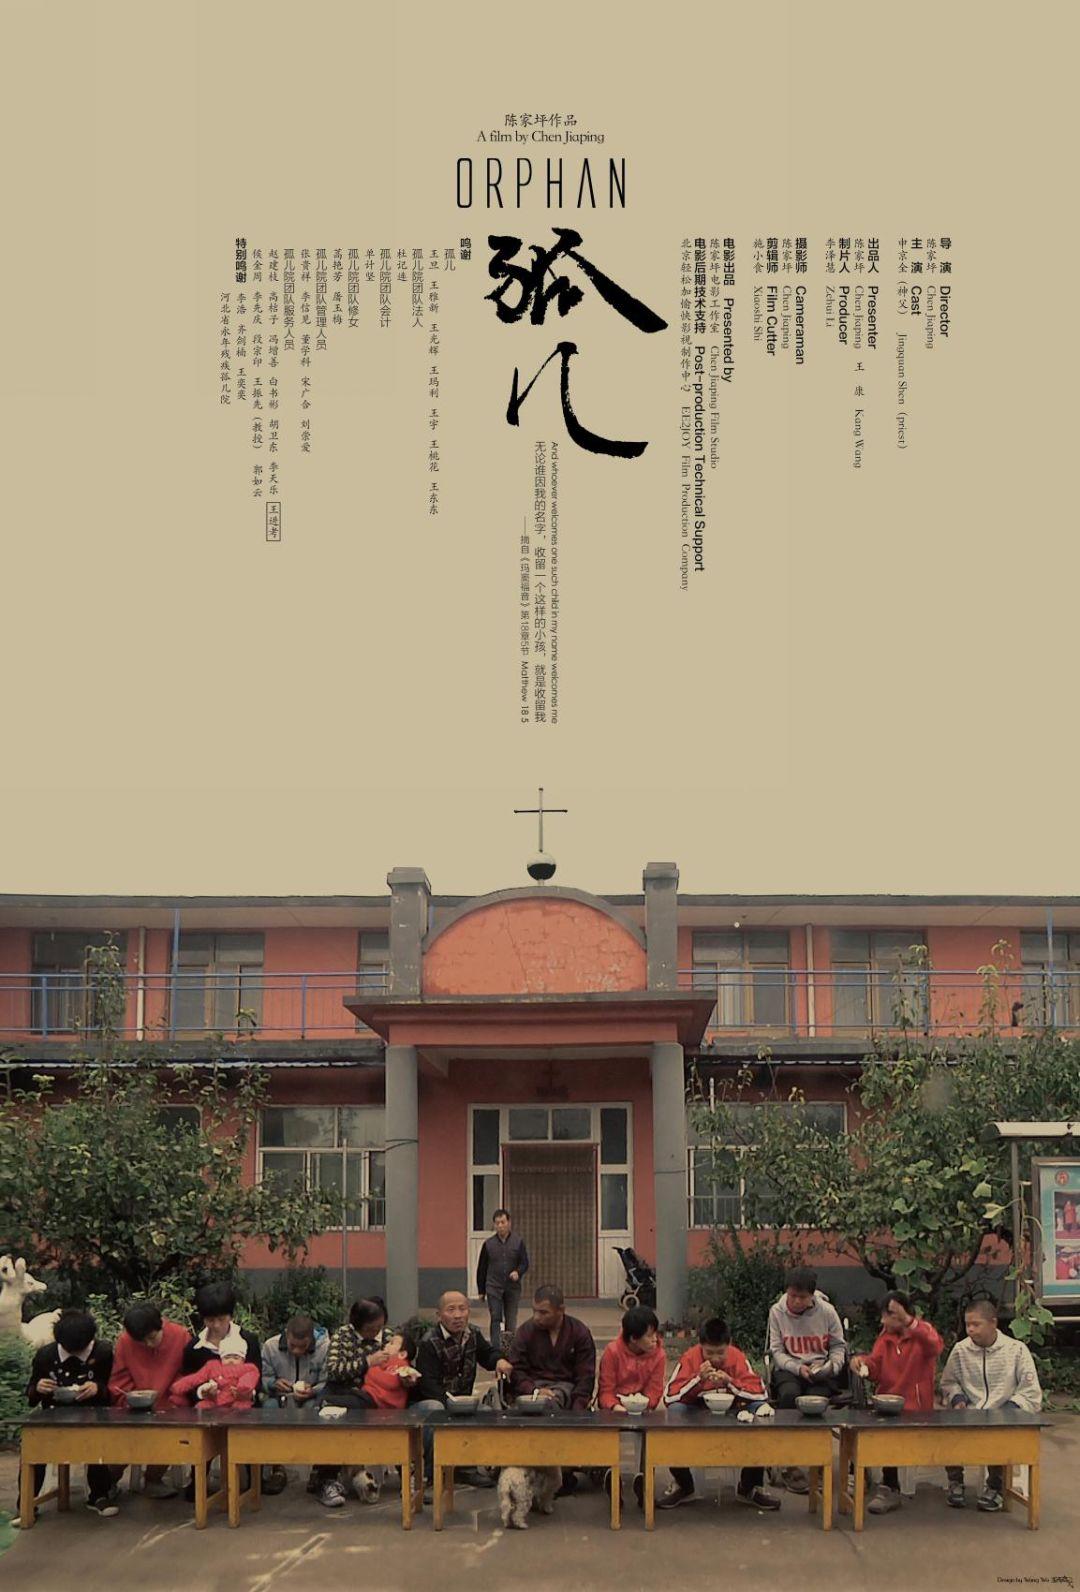 陈家坪:我的电影行动